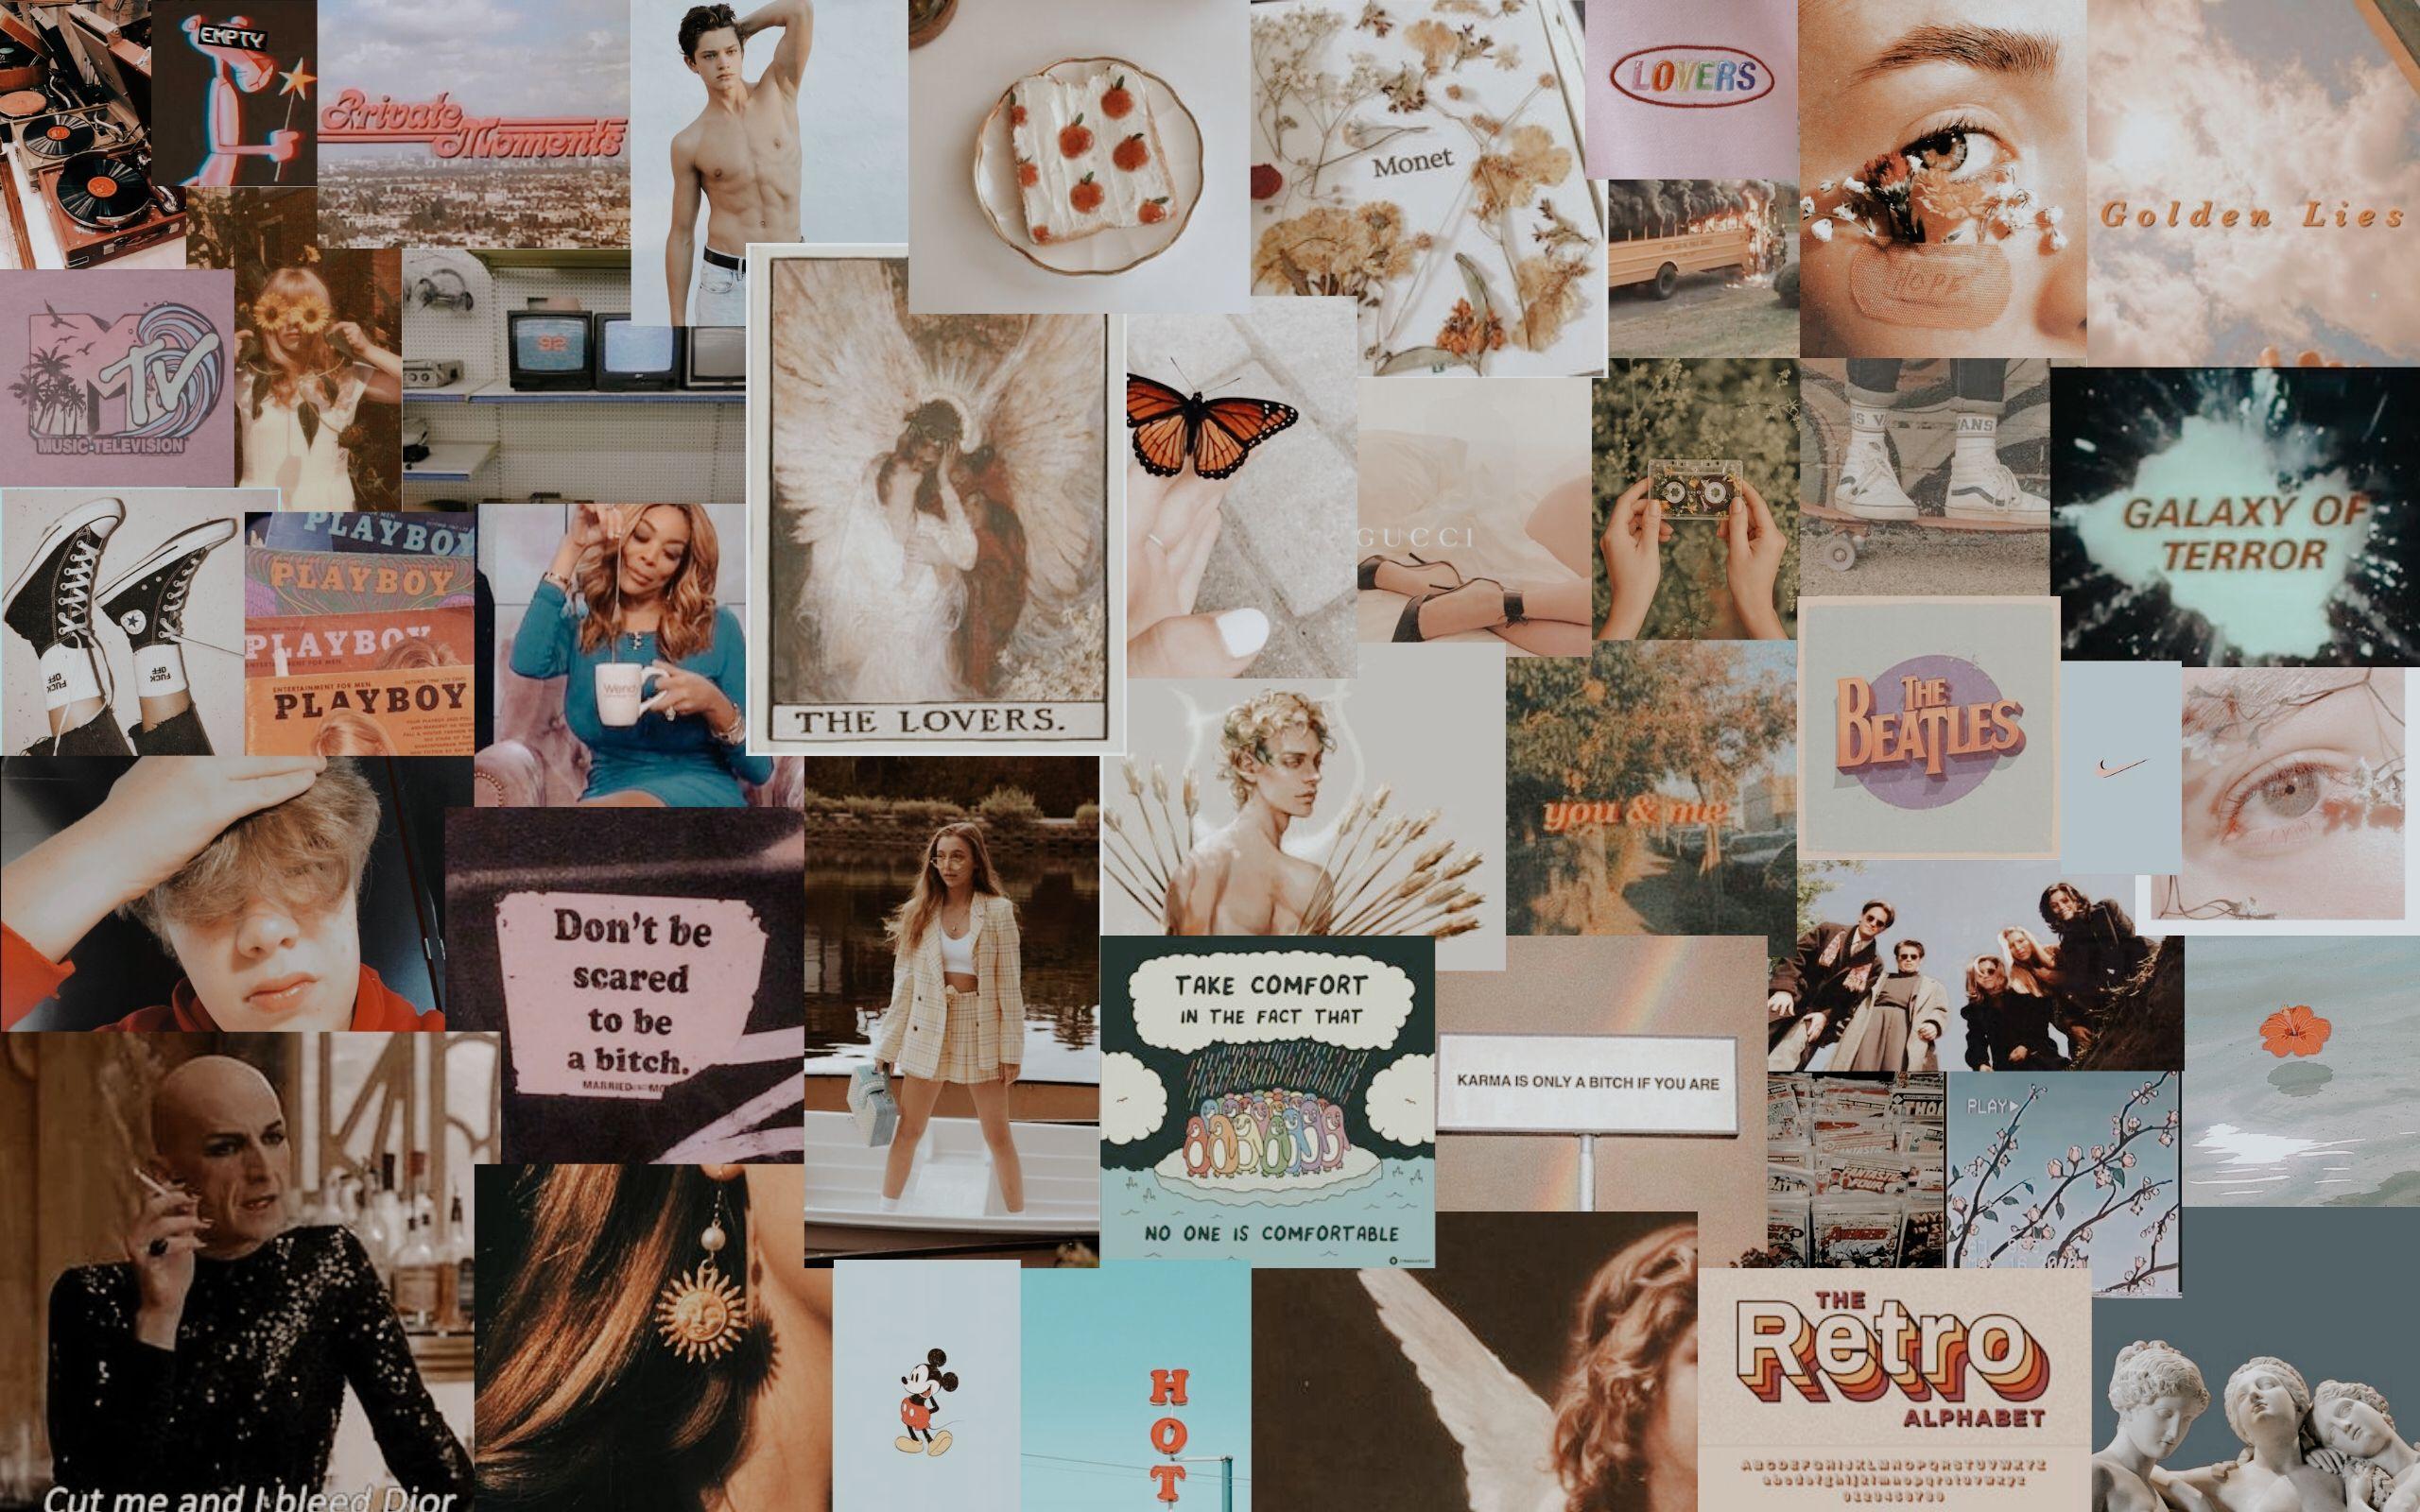 Desktop Wallpaper Macbook Wallpaper Laptop Wallpaper Desktop Wallpapers Macbook Air Wallpaper